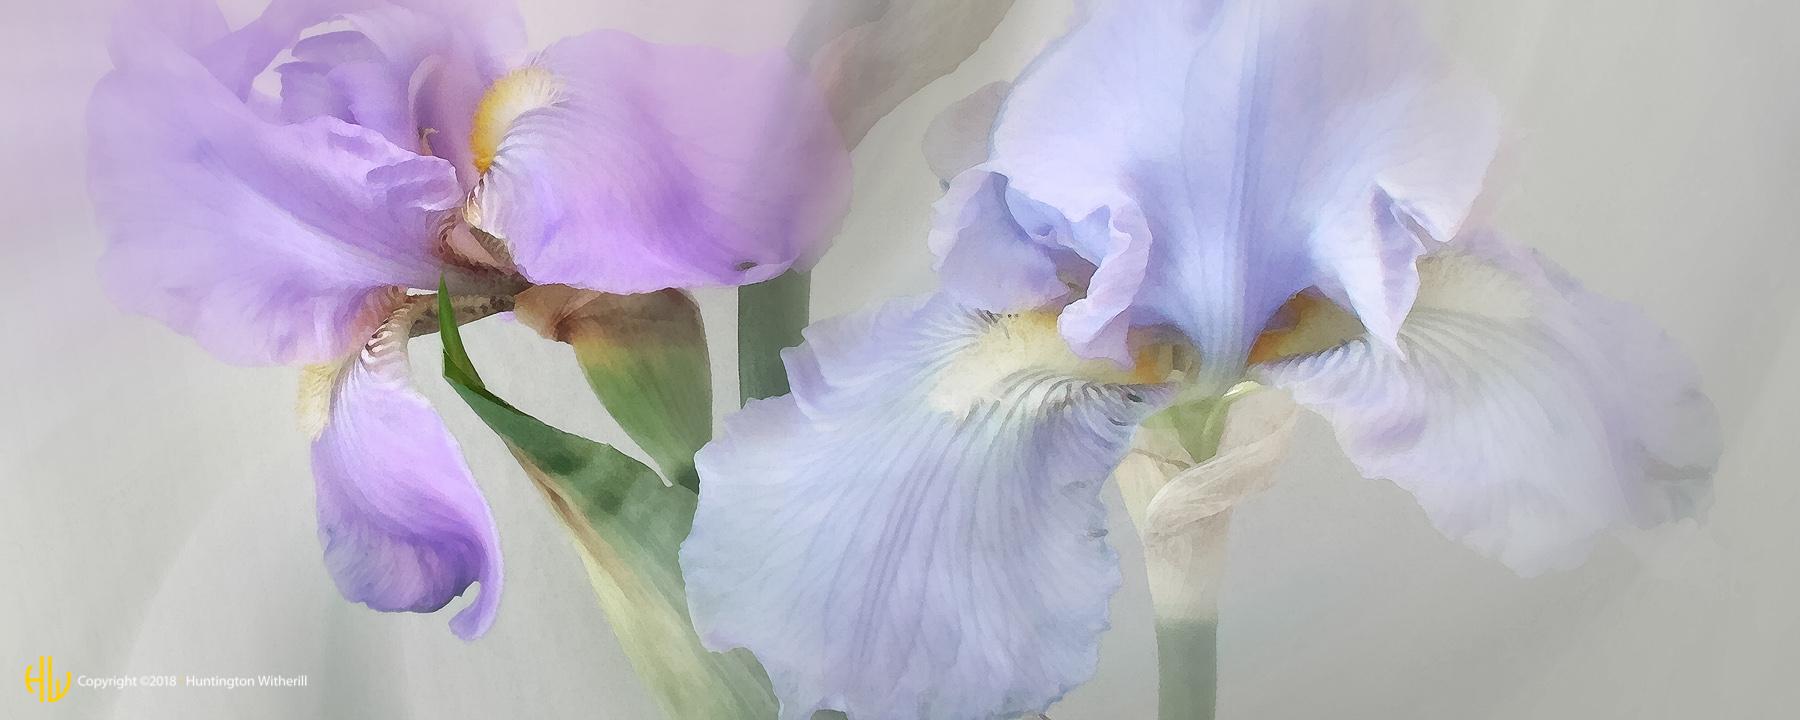 Iris #22, 2004